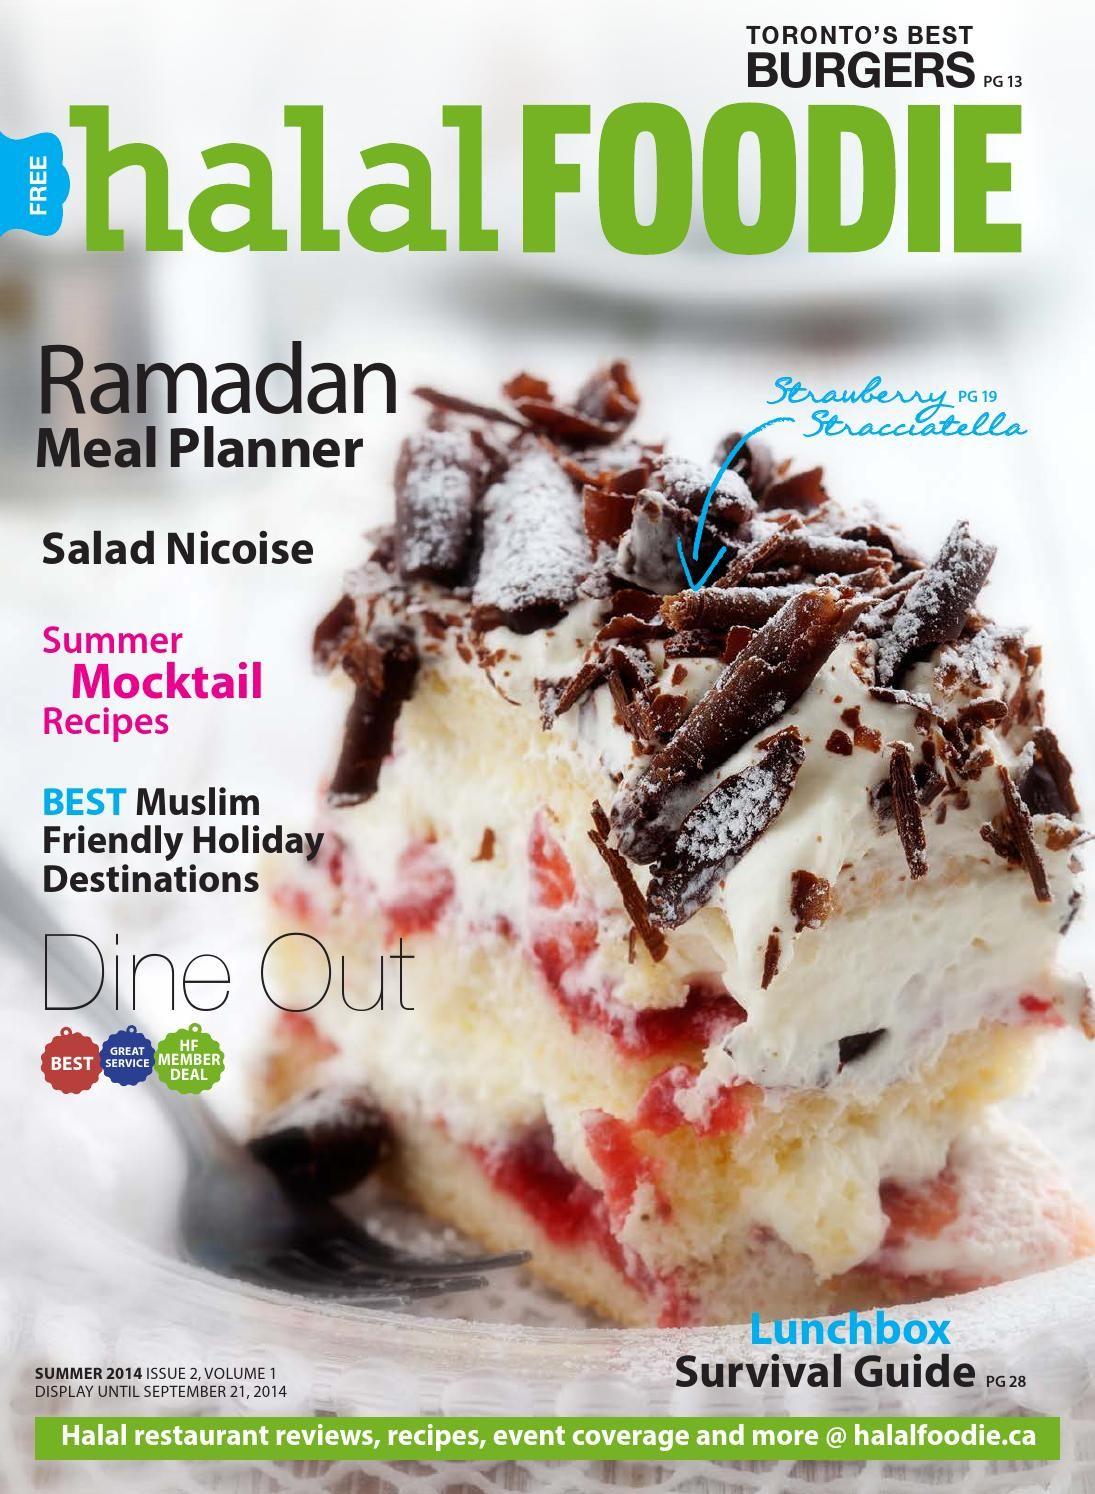 Halal foodie summer 2014 recipes halal foodie summer 2014 forumfinder Gallery